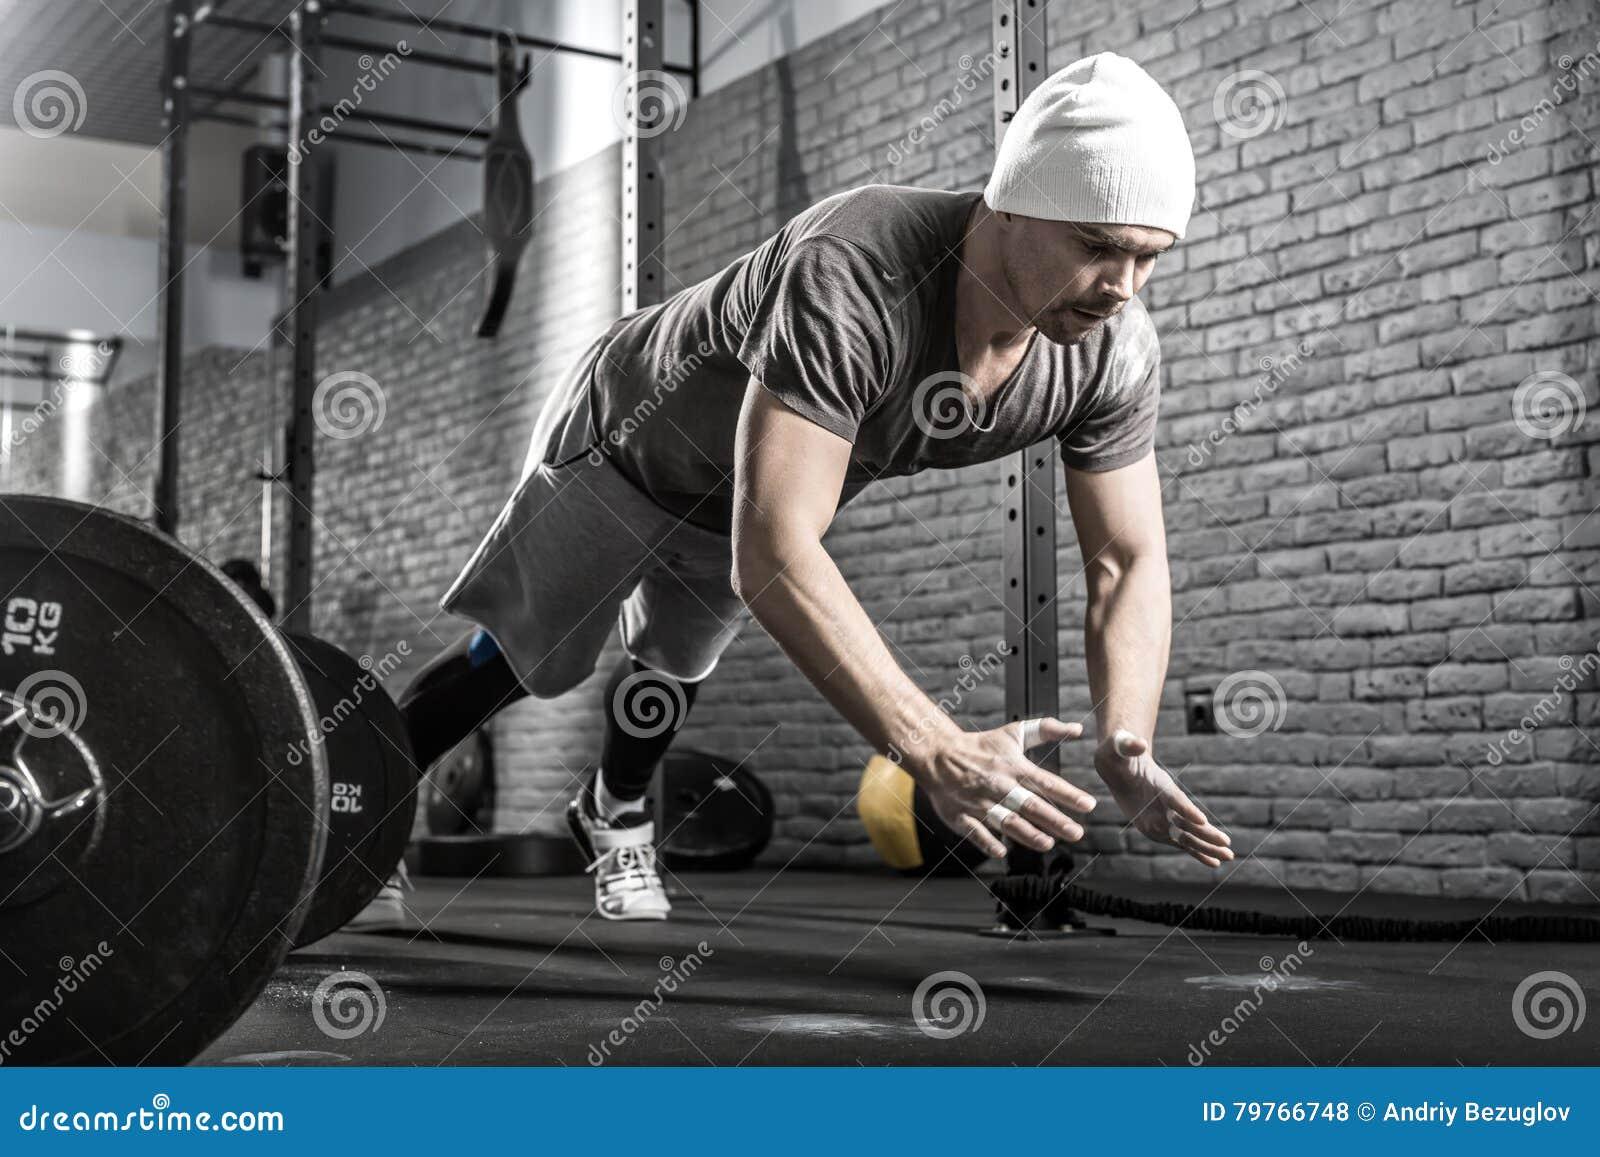 Allenamento di piegamento sulle braccia in palestra